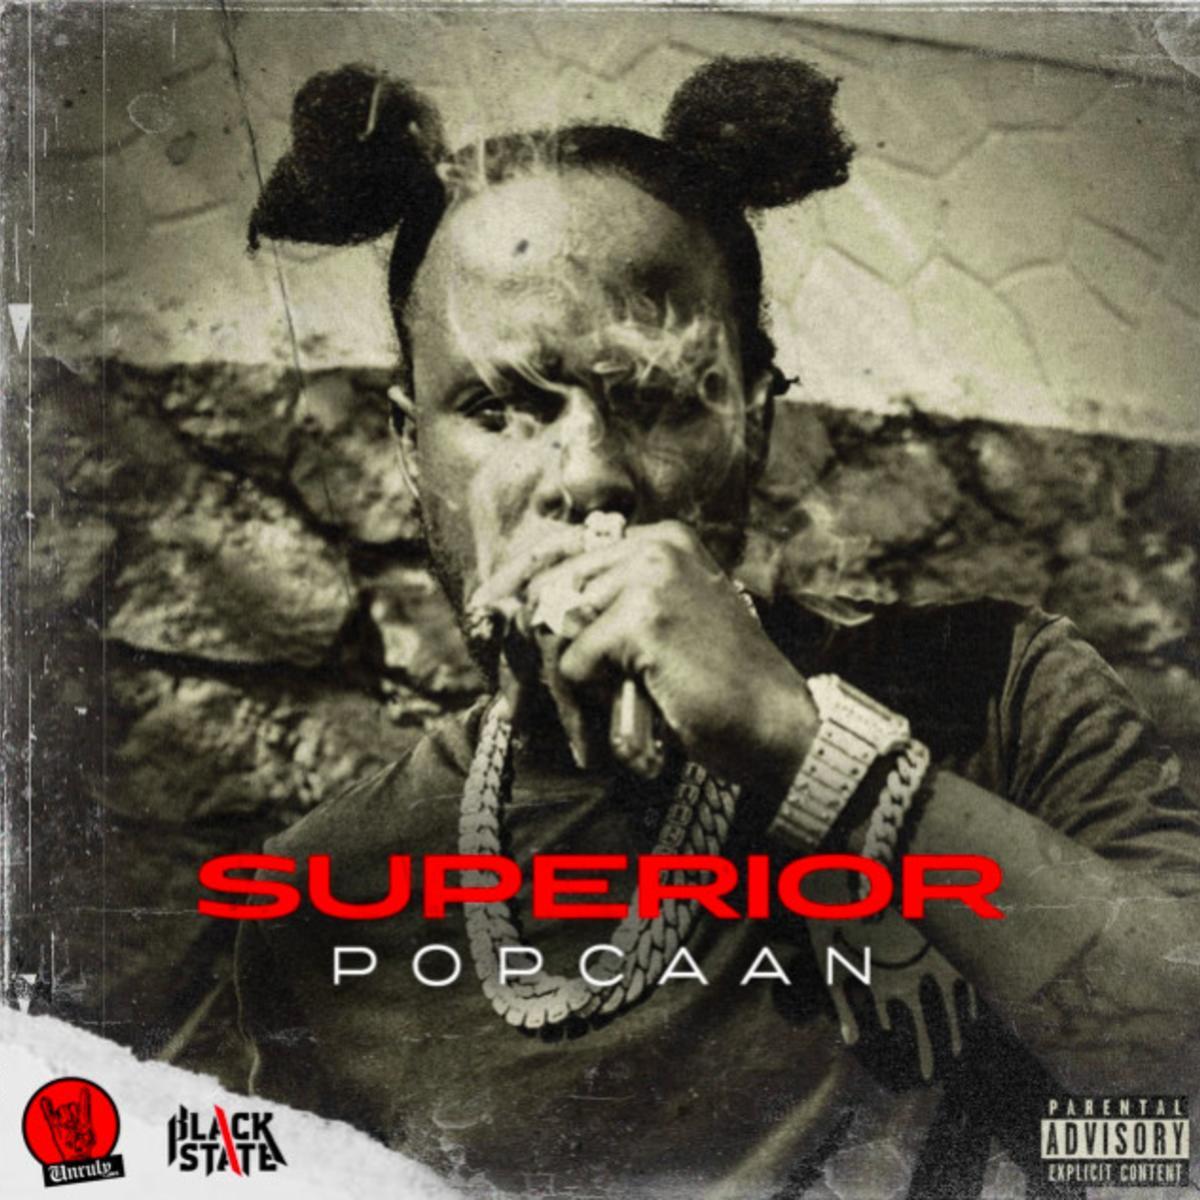 MP3: Popcaan - Superior